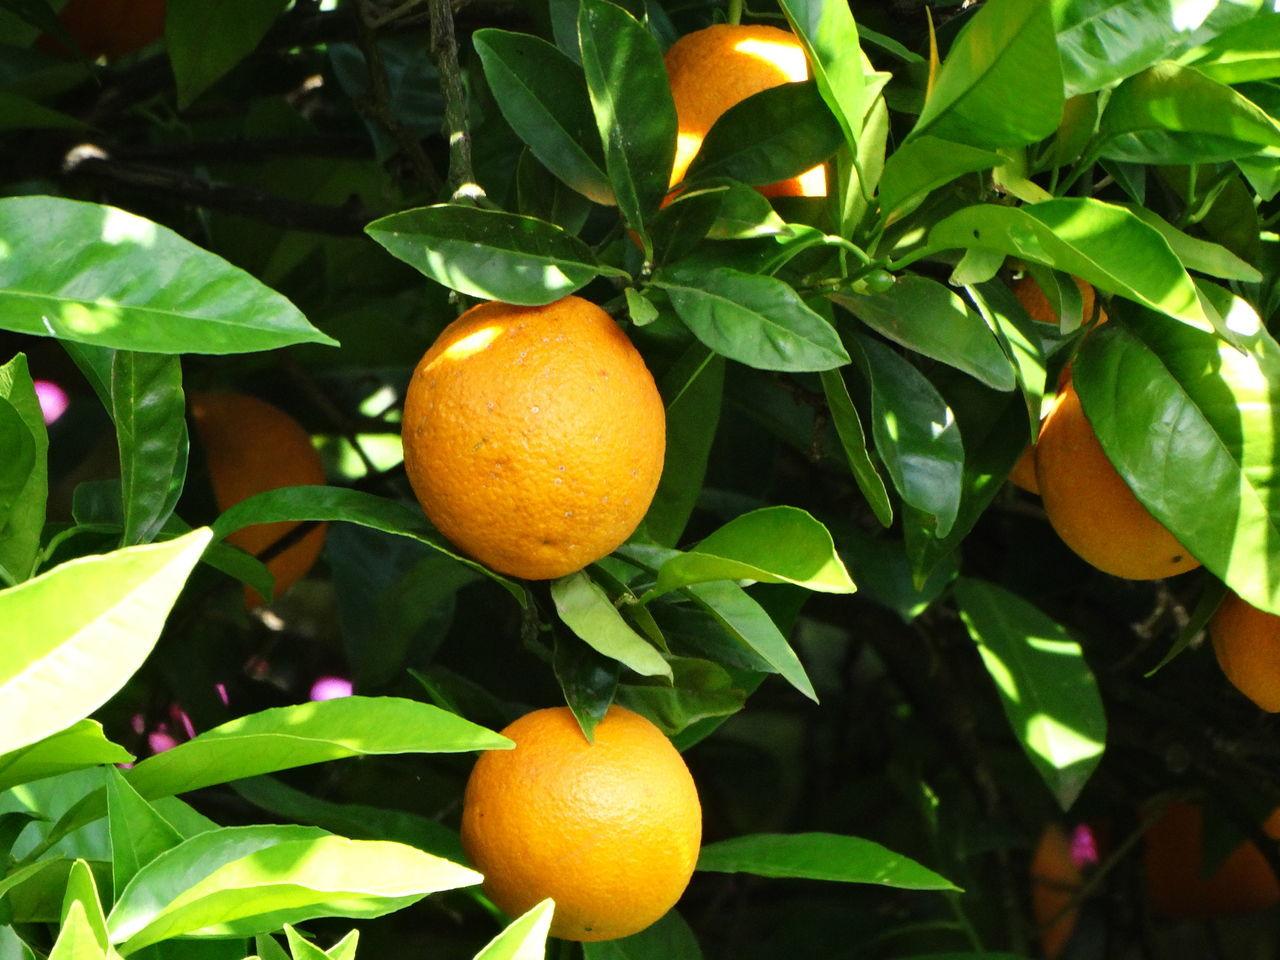 Day Fruit Fruit Tree Fruits ♡ Green Leaf Nature Orange Orange - Fruit Oranges